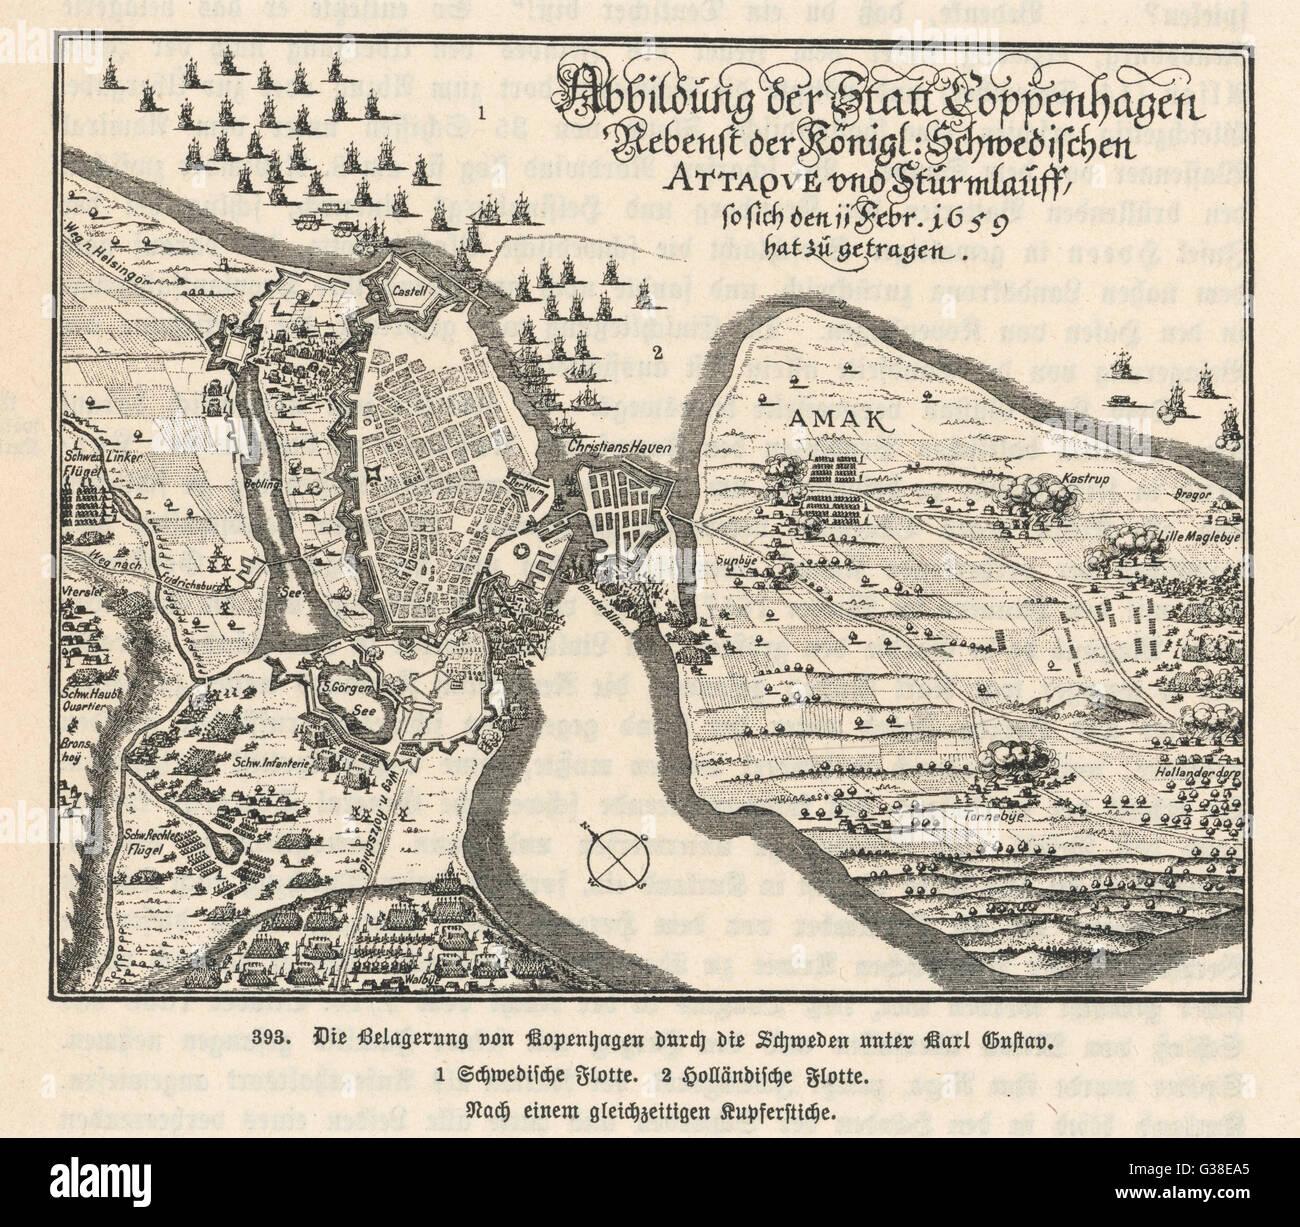 Map of the siege of  Copenhagen, Denmark by Carl X  Gustav of Sweden.        Date: 11 February 1659 - Stock Image